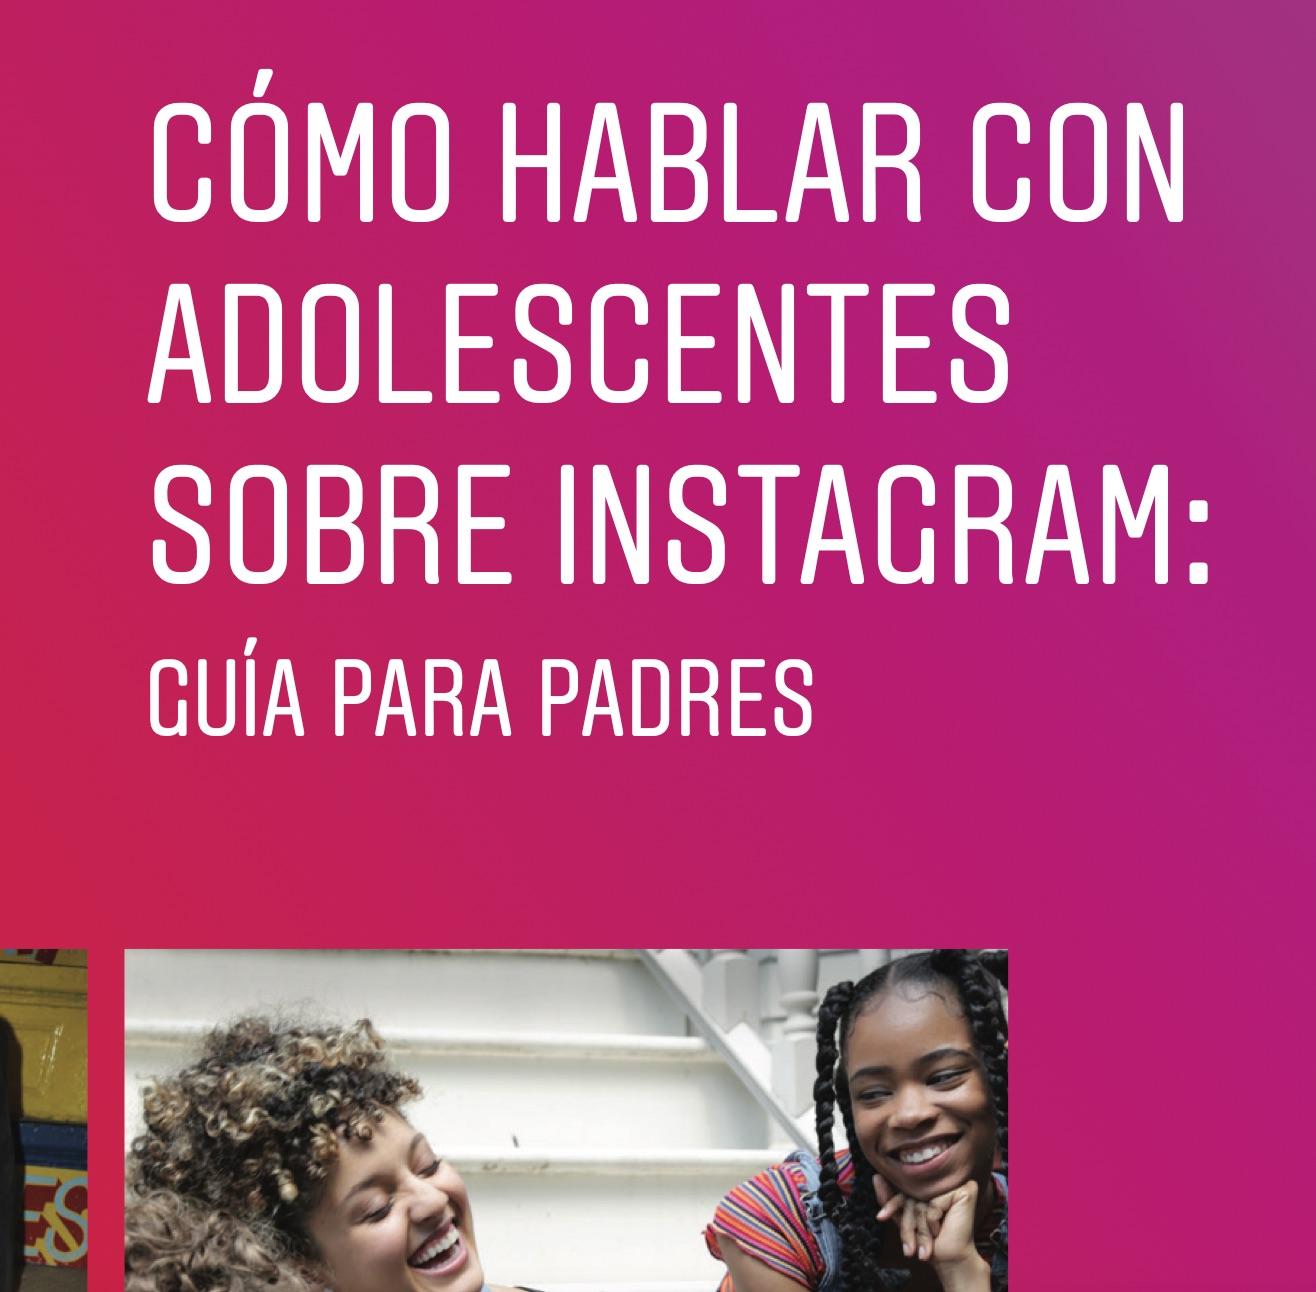 Guía de como hablar con adolescentes sobre Instagram